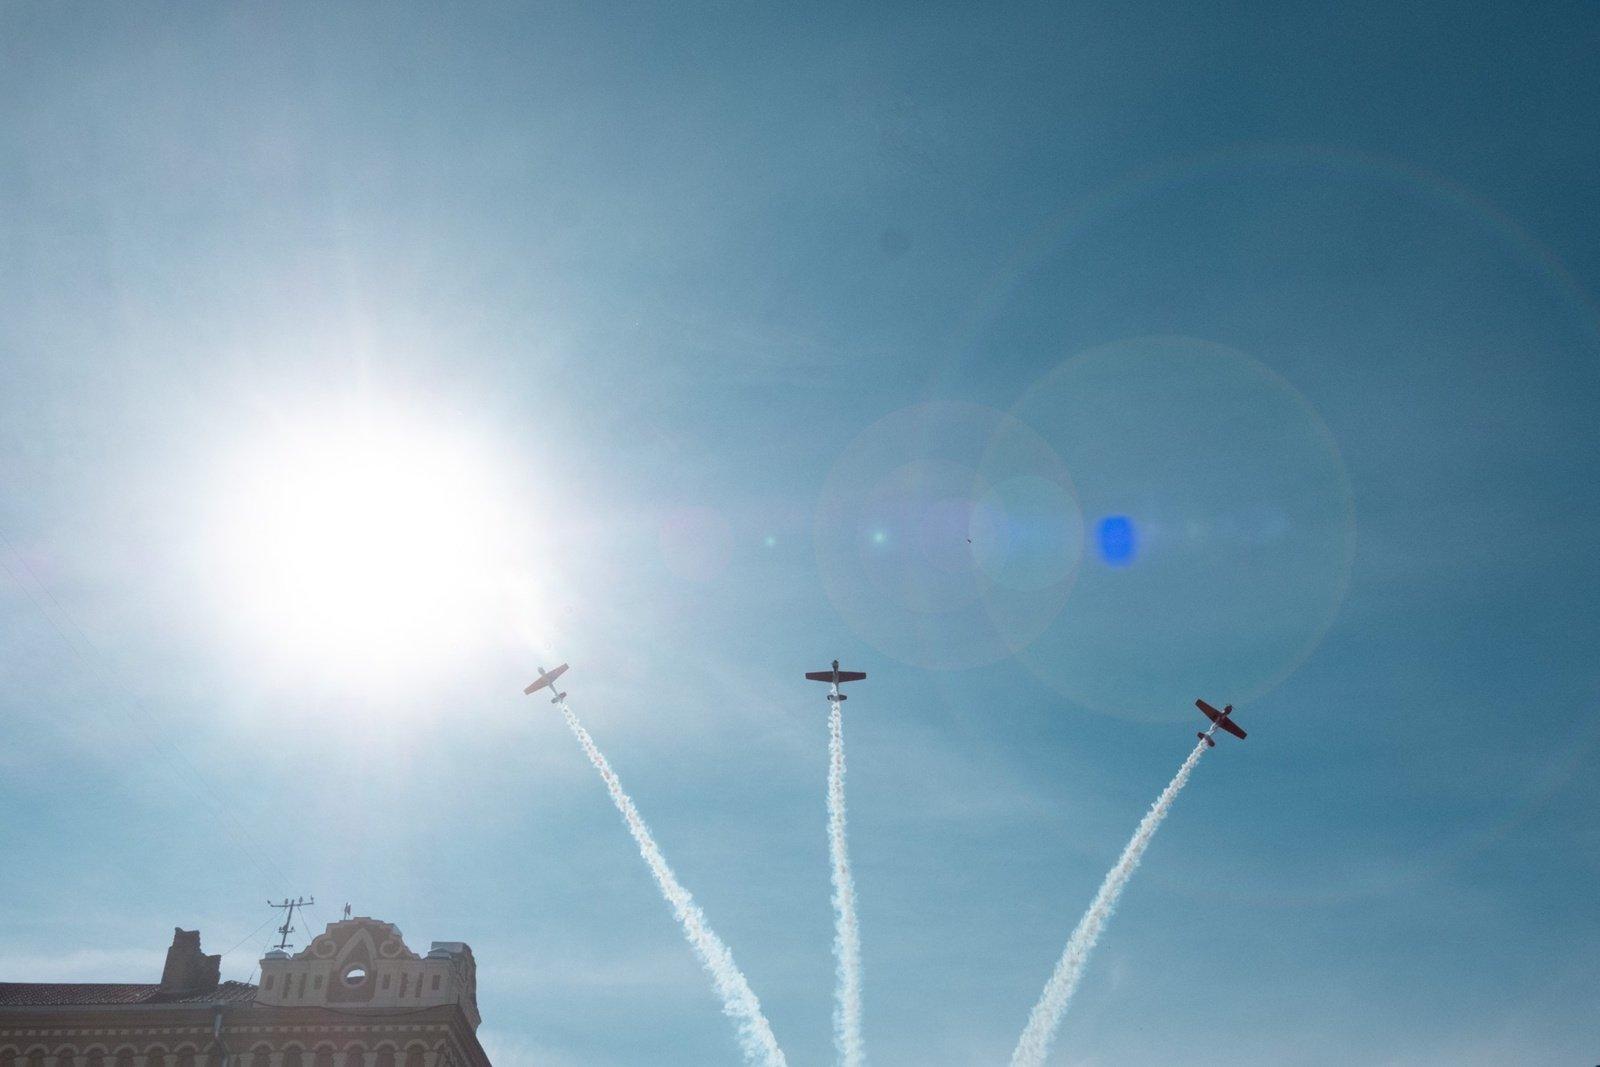 Kauno aviacijos šventė – jau šį šeštadienį: 10 įspūdingiausių vietų pamatyti šou danguje